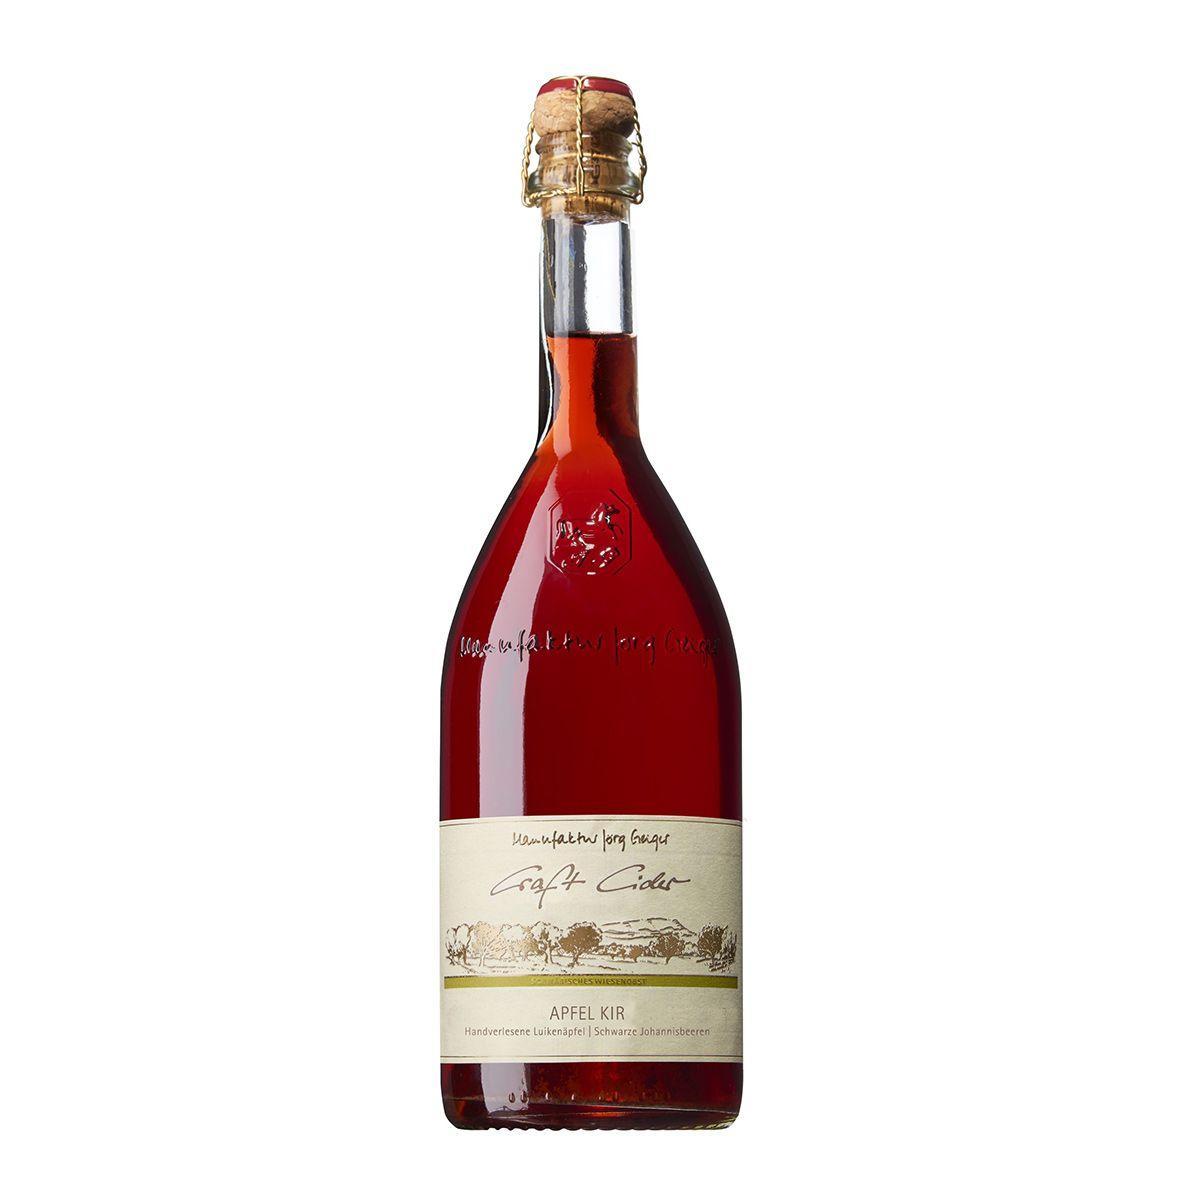 Apfel Kir - Craft Cider